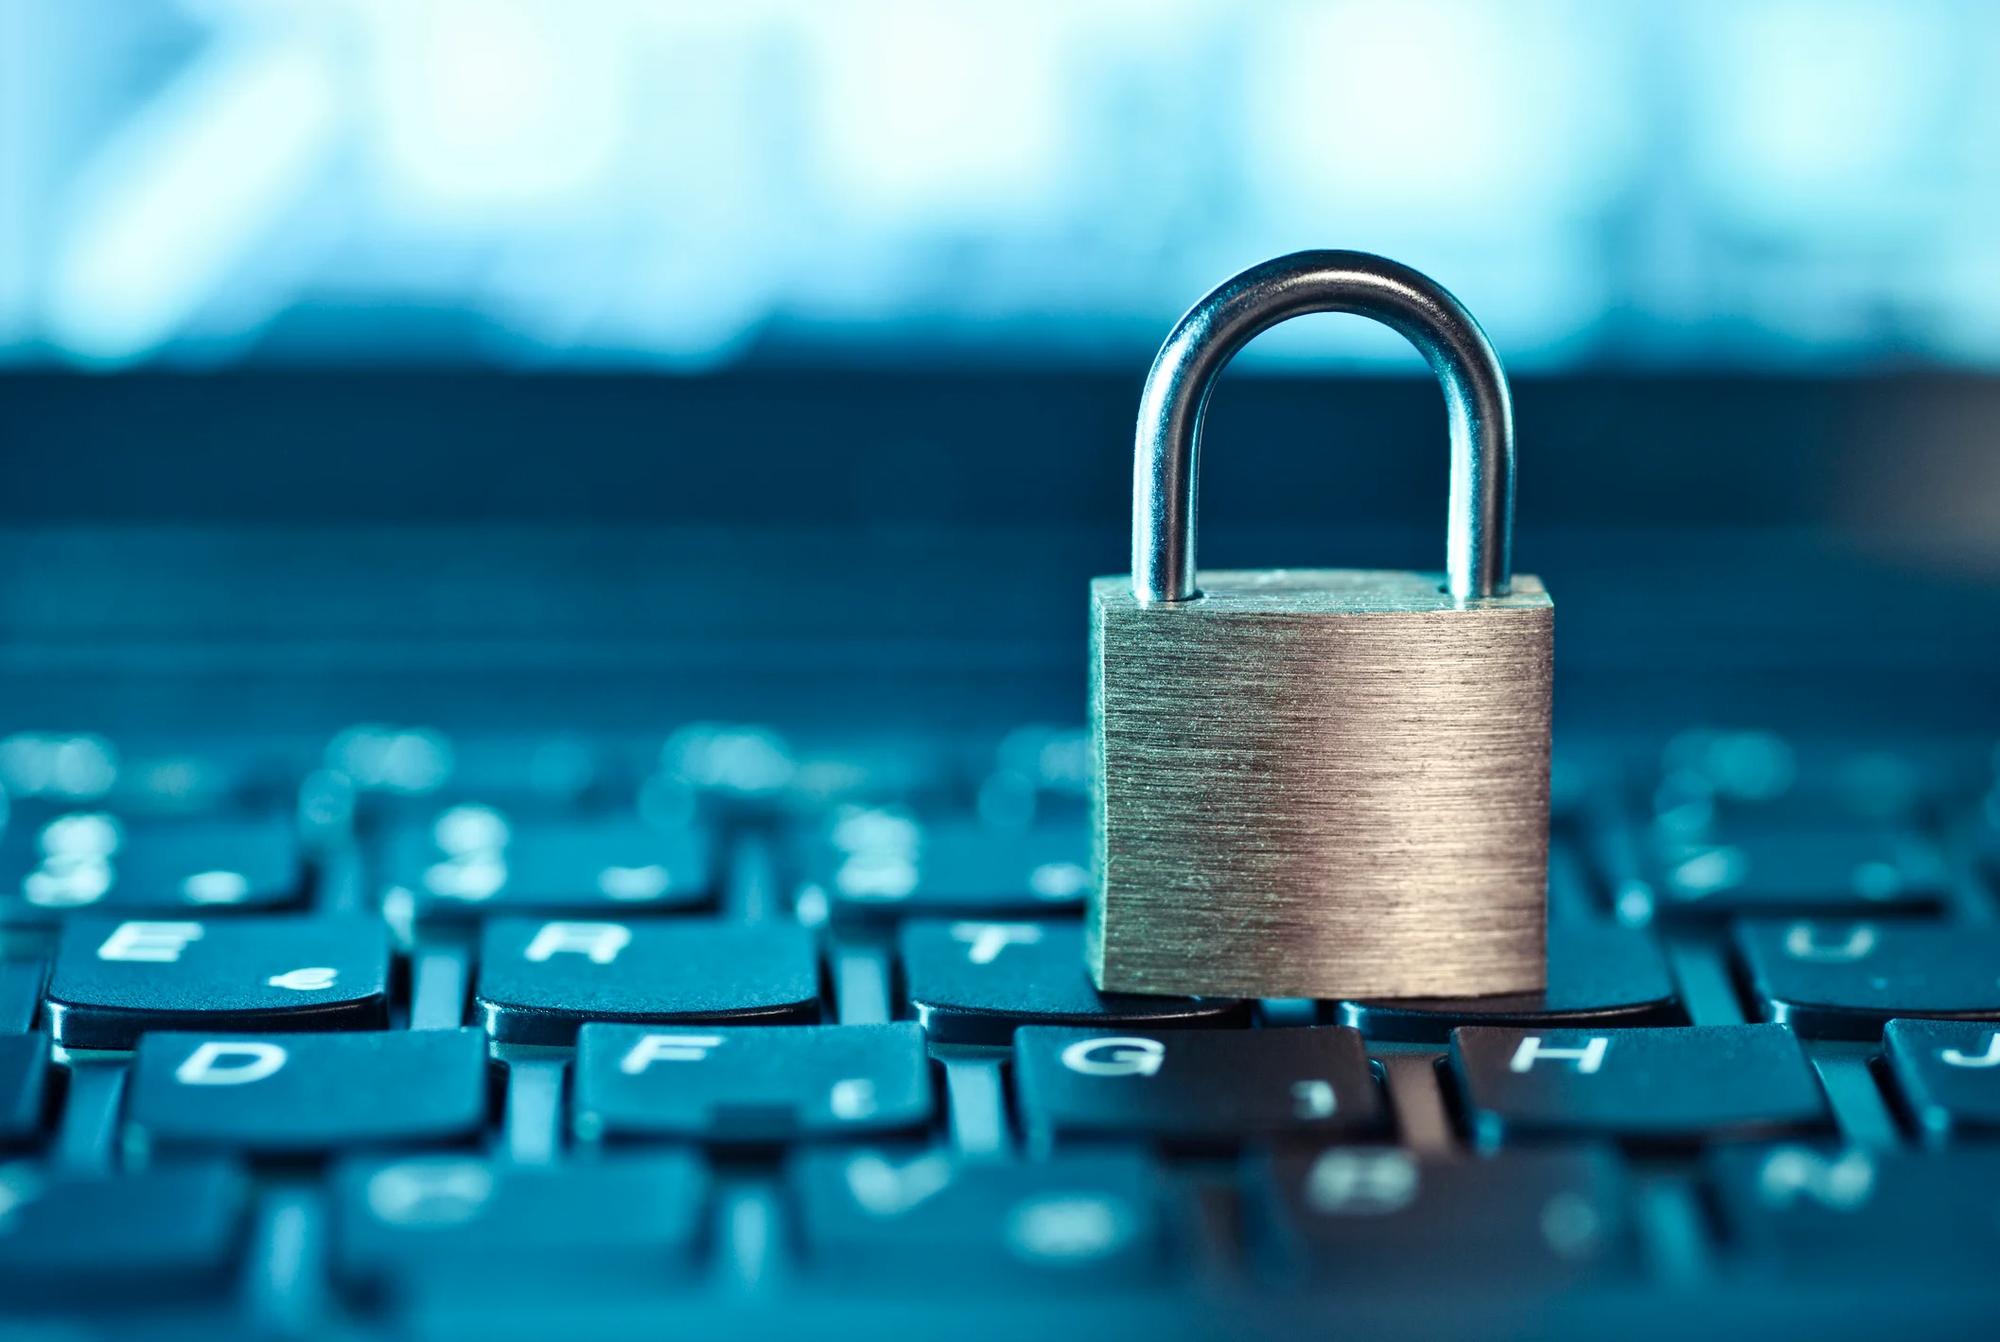 Cách ngăn cửa hàng sửa laptop lấy cắp dữ liệu nhạy cảm - Ảnh 3.